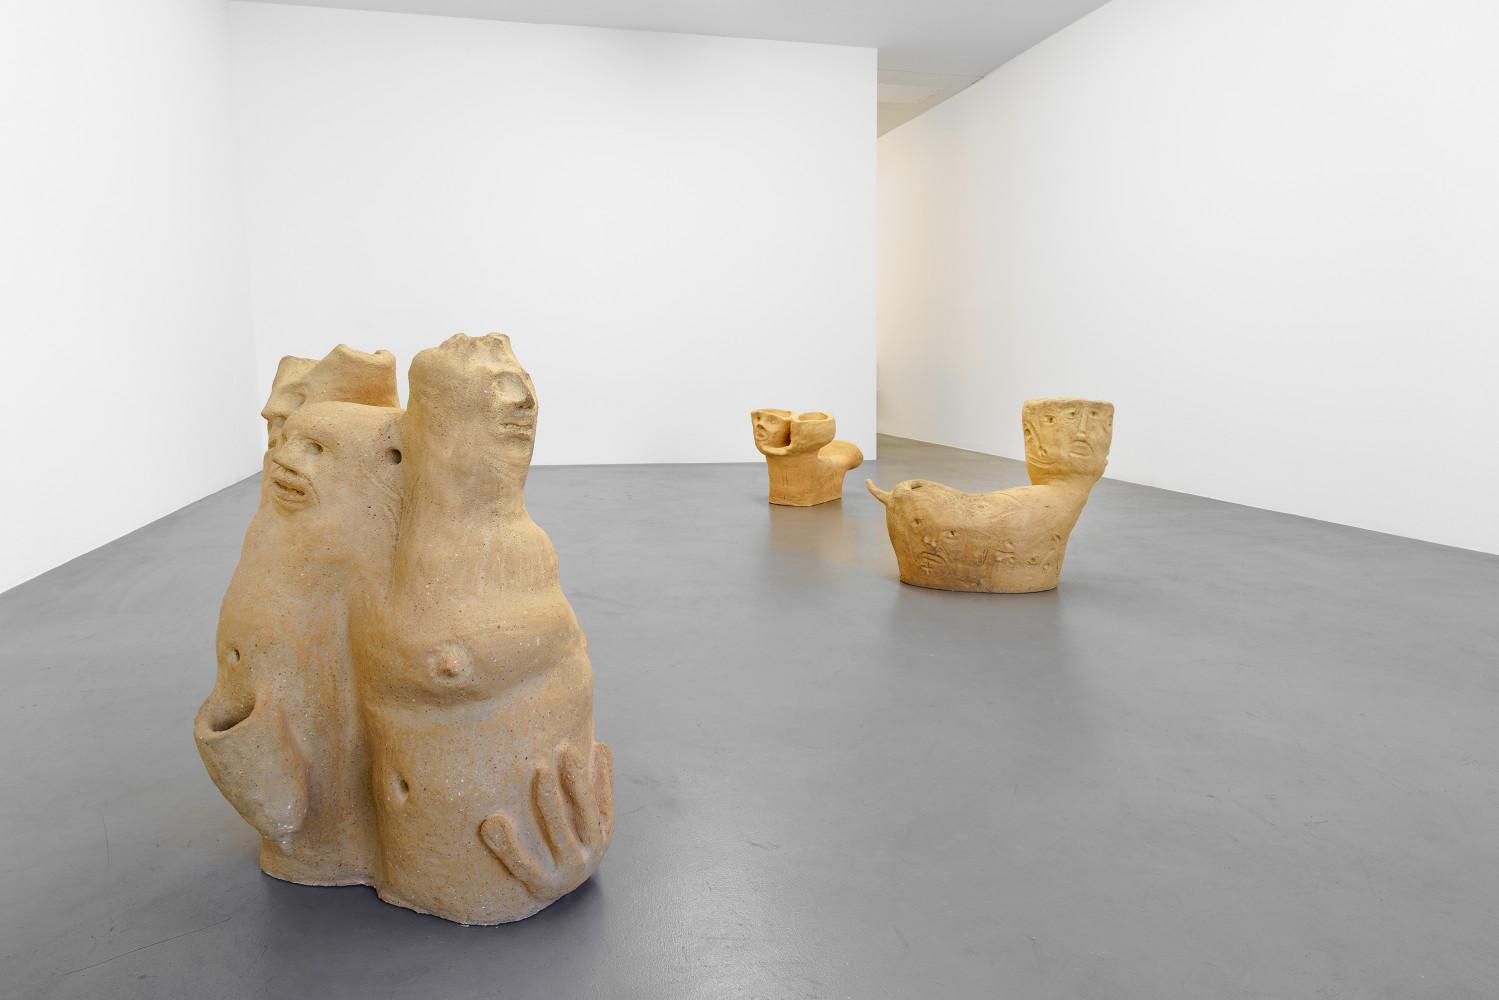 Martin Disler, 'Steinzeug und gebrannte Erde', Installation view, Buchmann Box, 2016